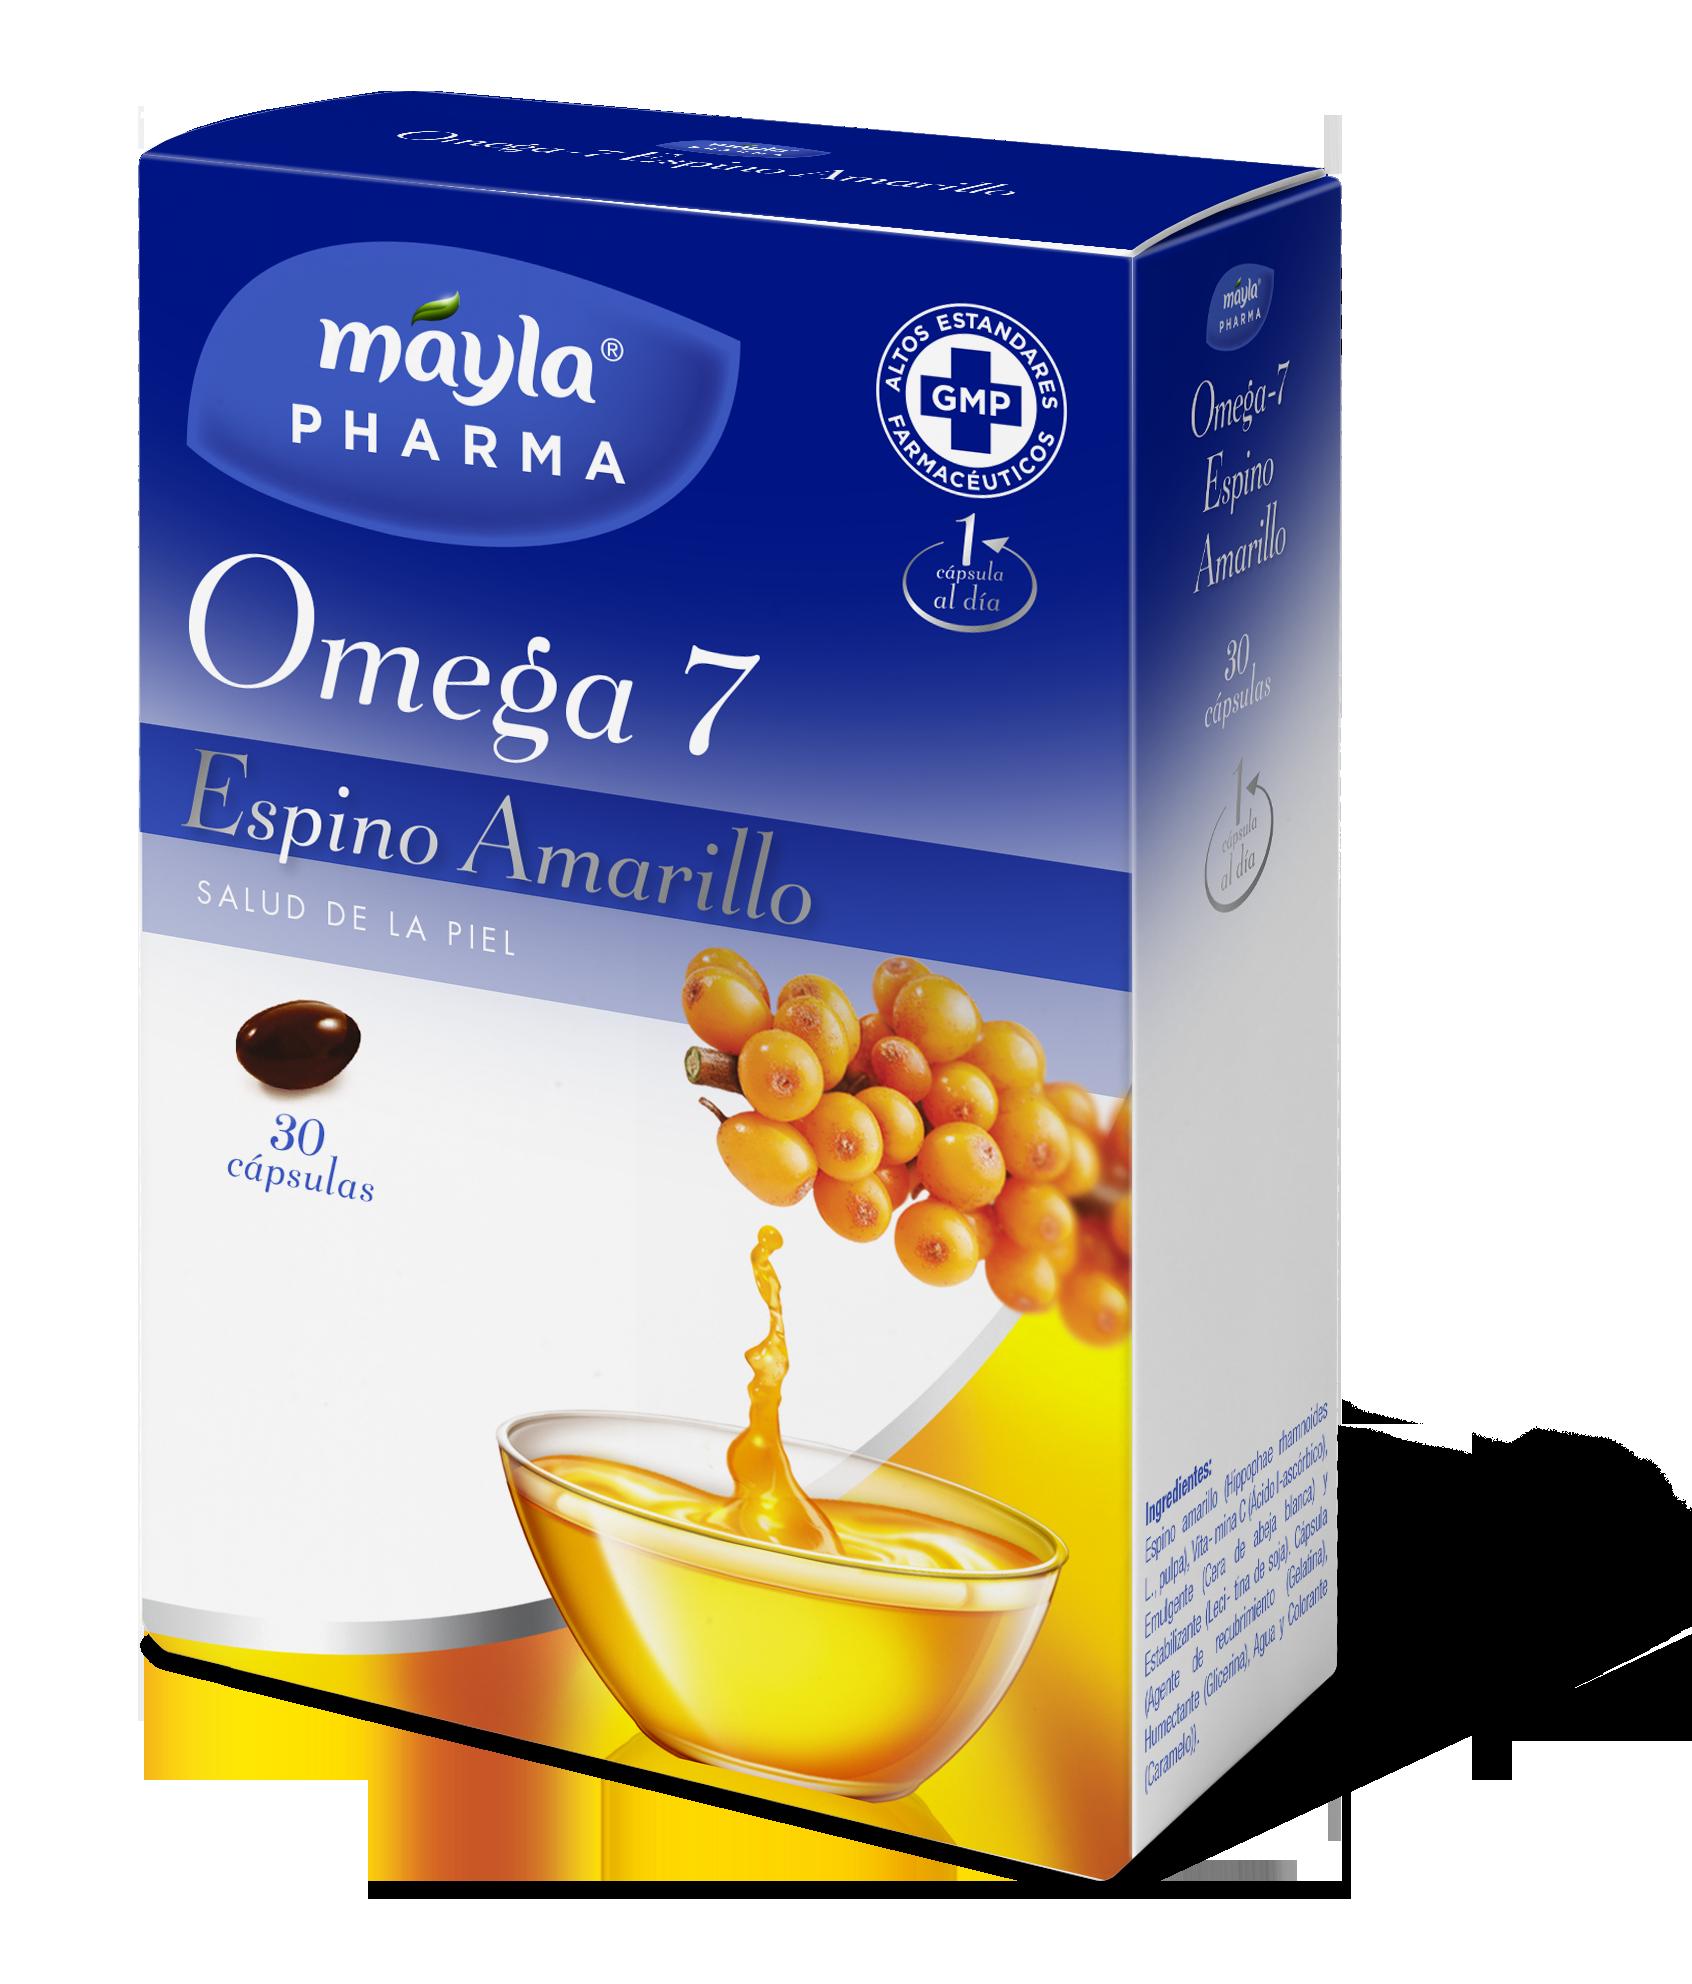 Ma¦üyla-« Omega 7 Espino Amarillo